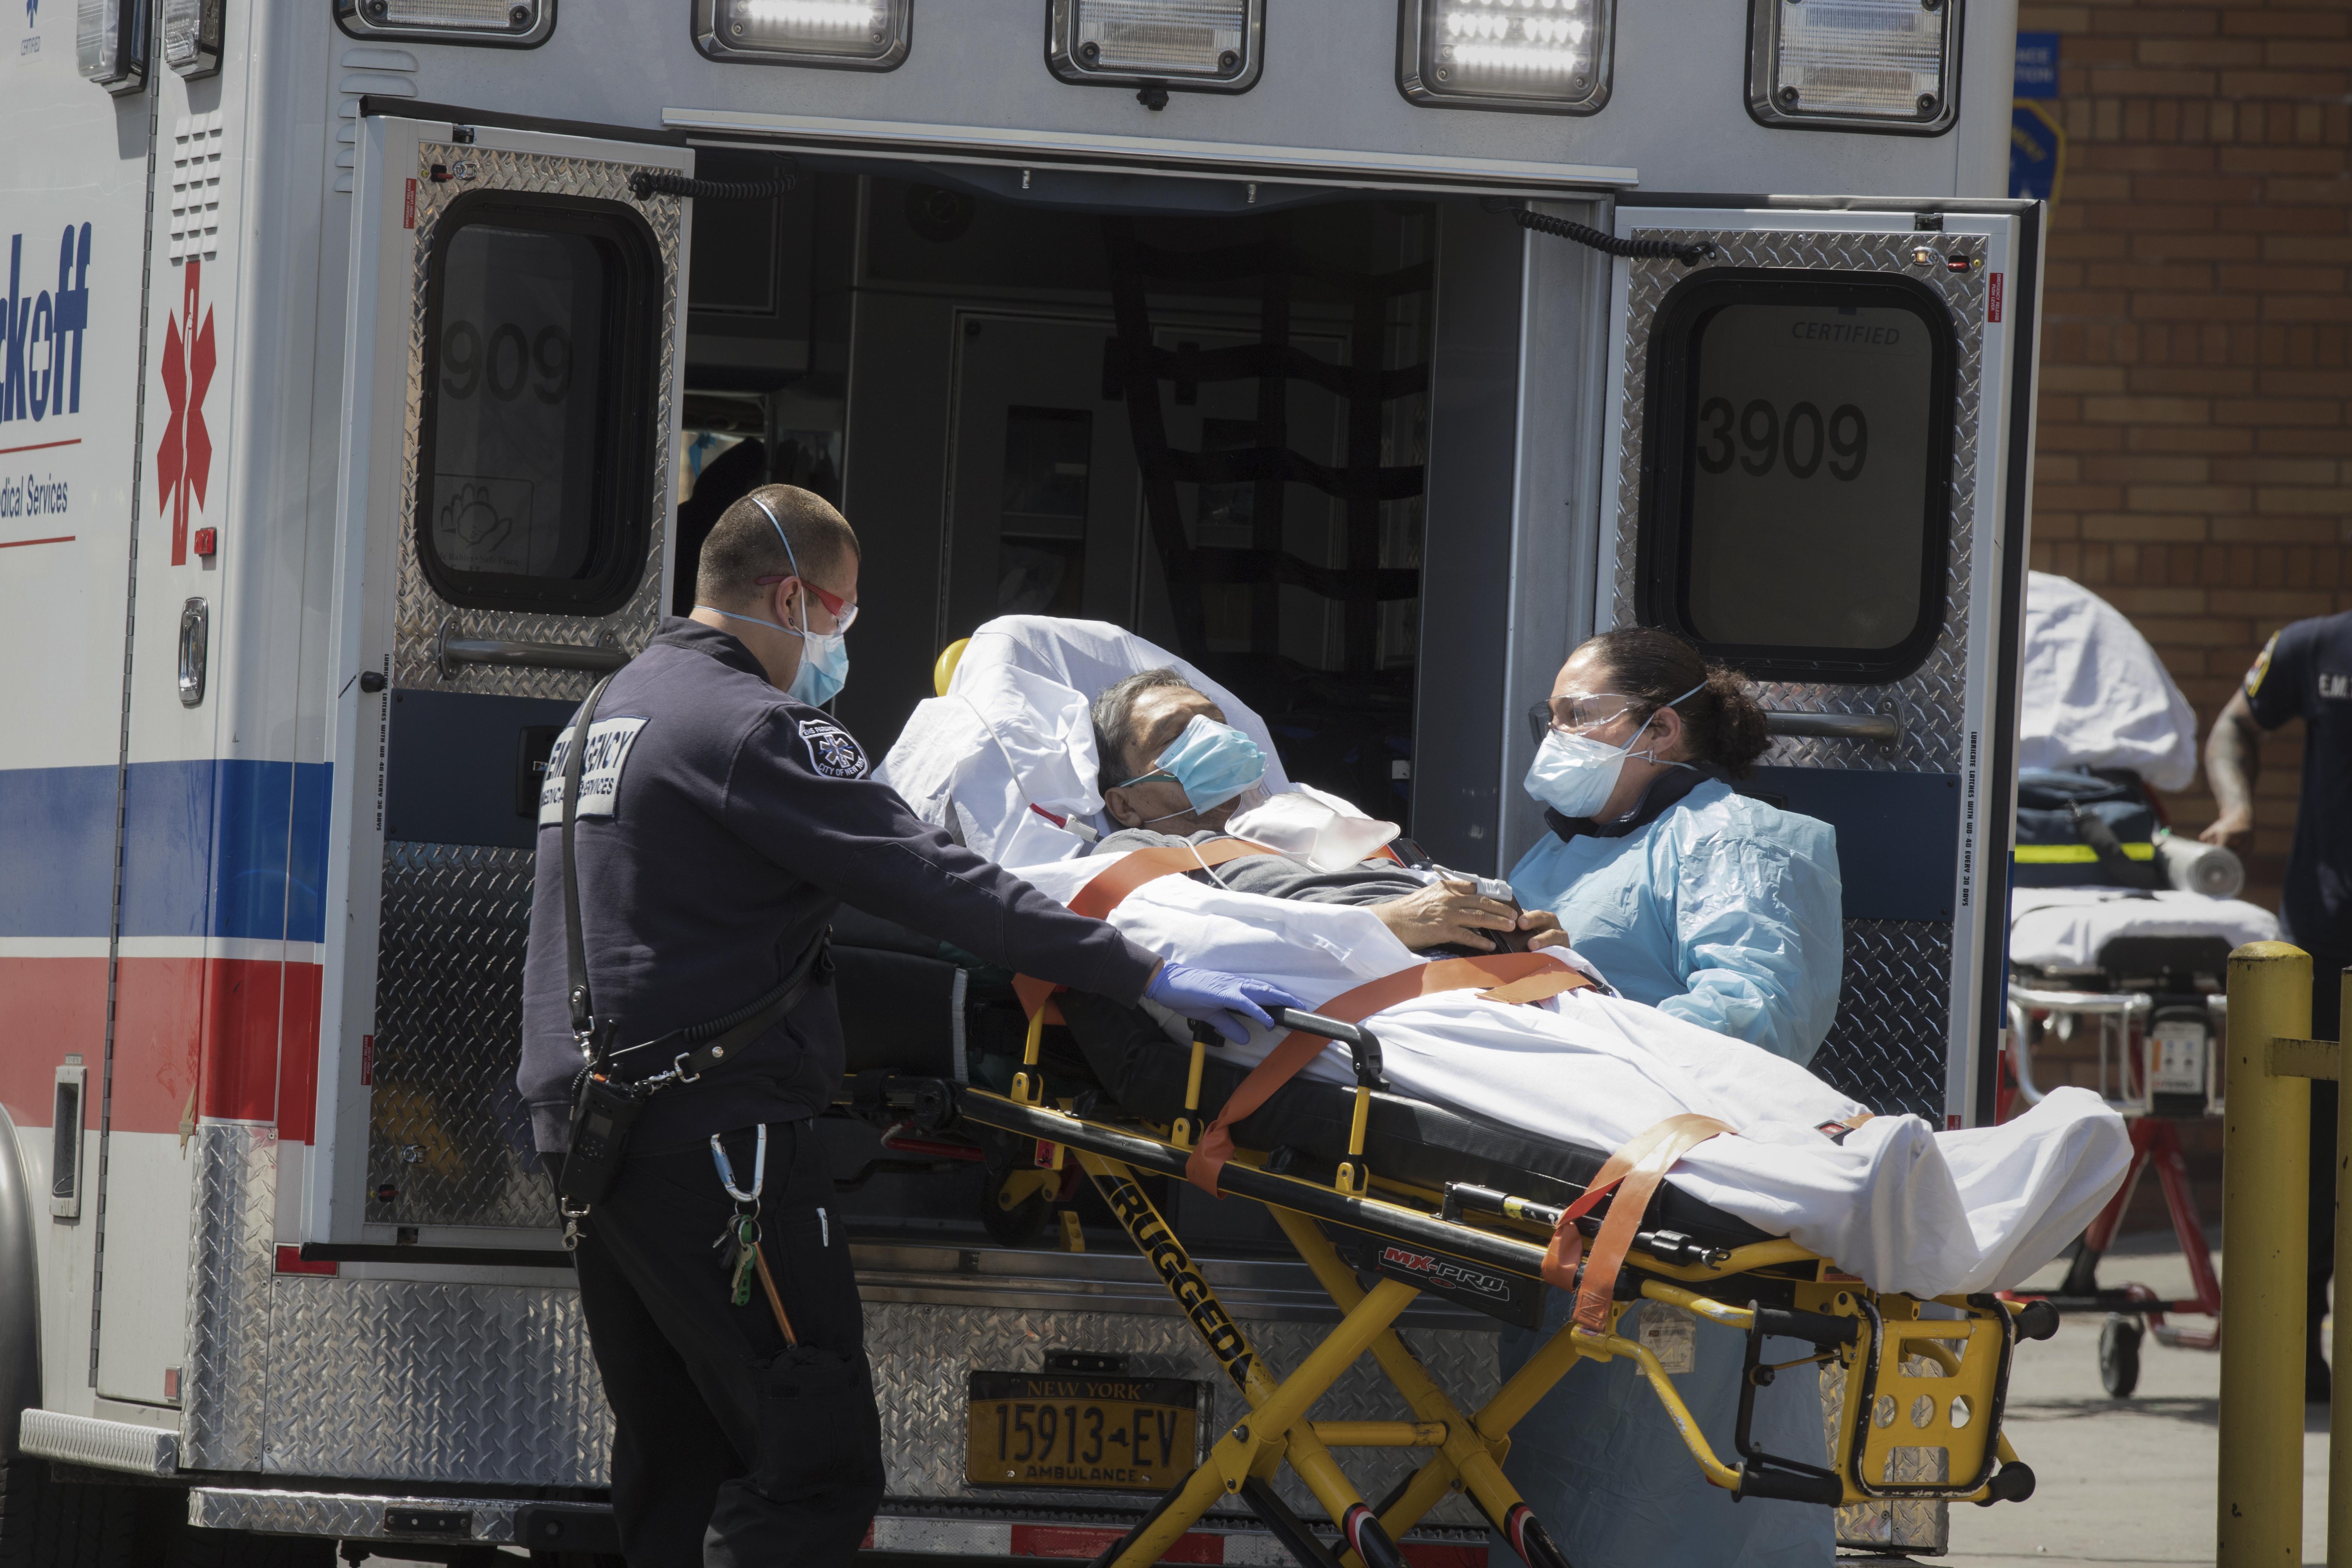 حوالي نصف عدد الوفيات التي أحصيت على الأراضي الأميركية سجلت في نيويورك